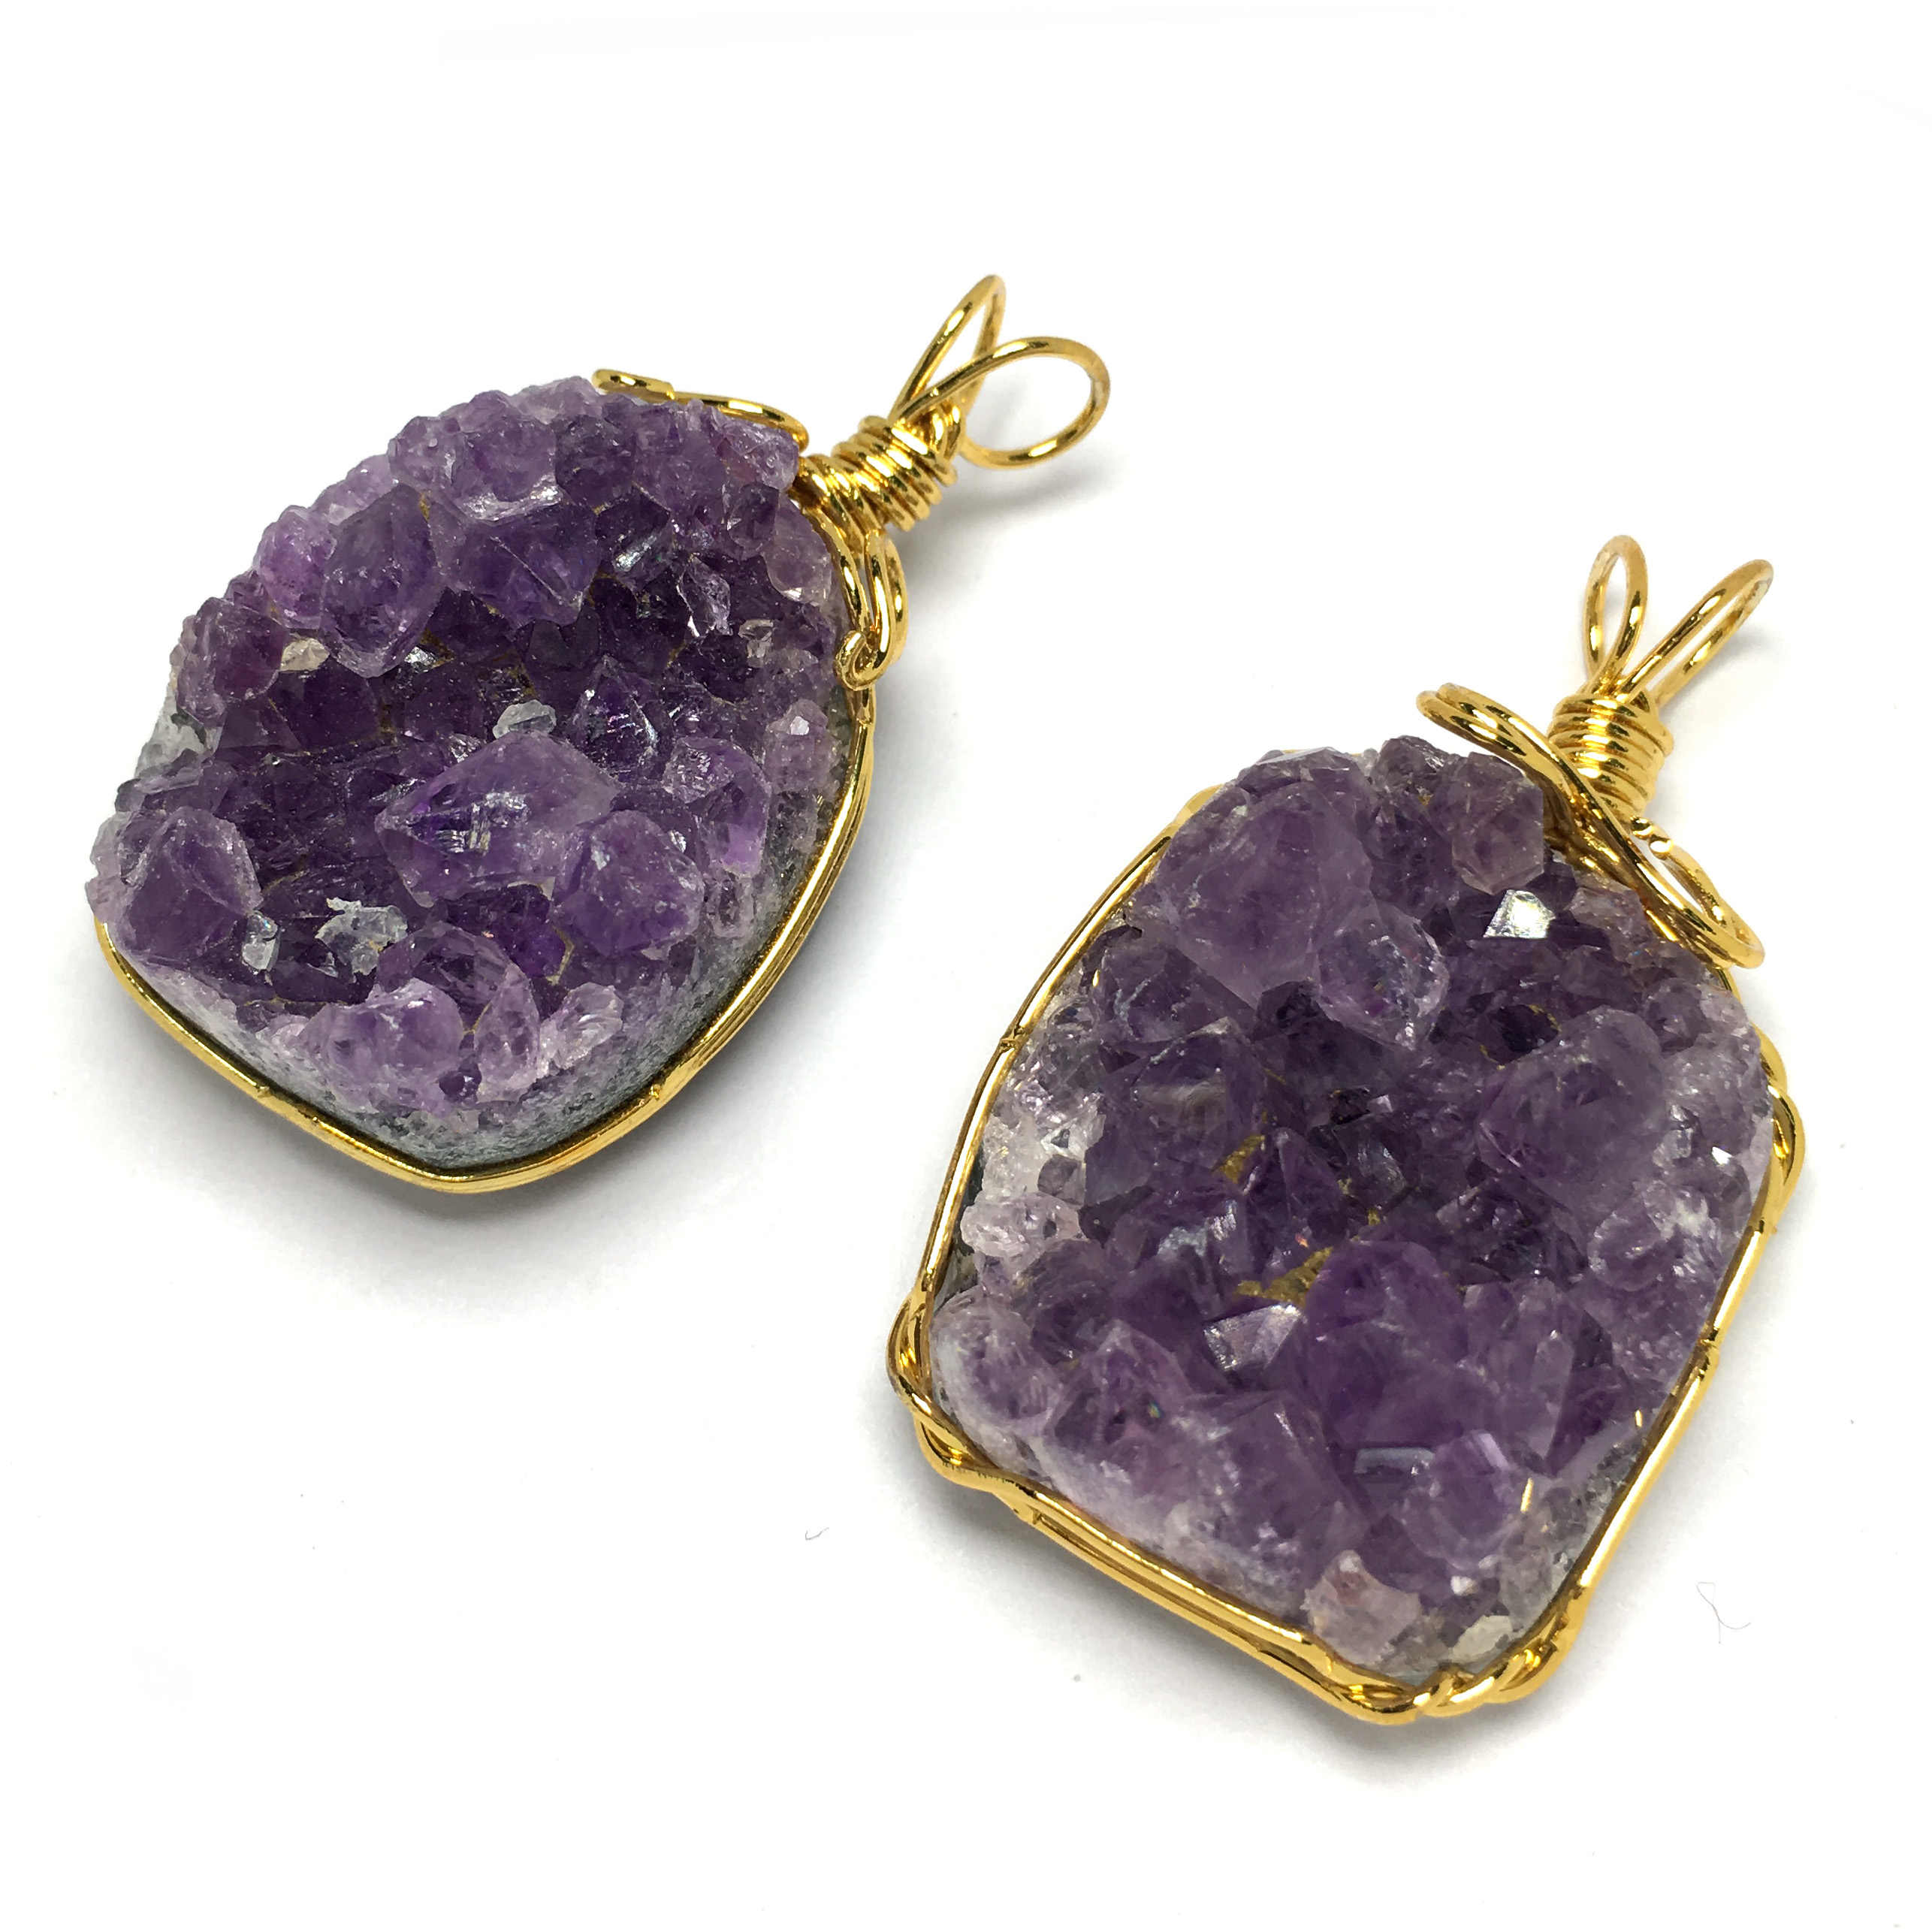 Naturalny kamień ametysty wisiorek złoty kolor instrukcja linia nieregularny kształt zawieszki do tworzenia biżuterii DIY akcesoria naszyjnikowe